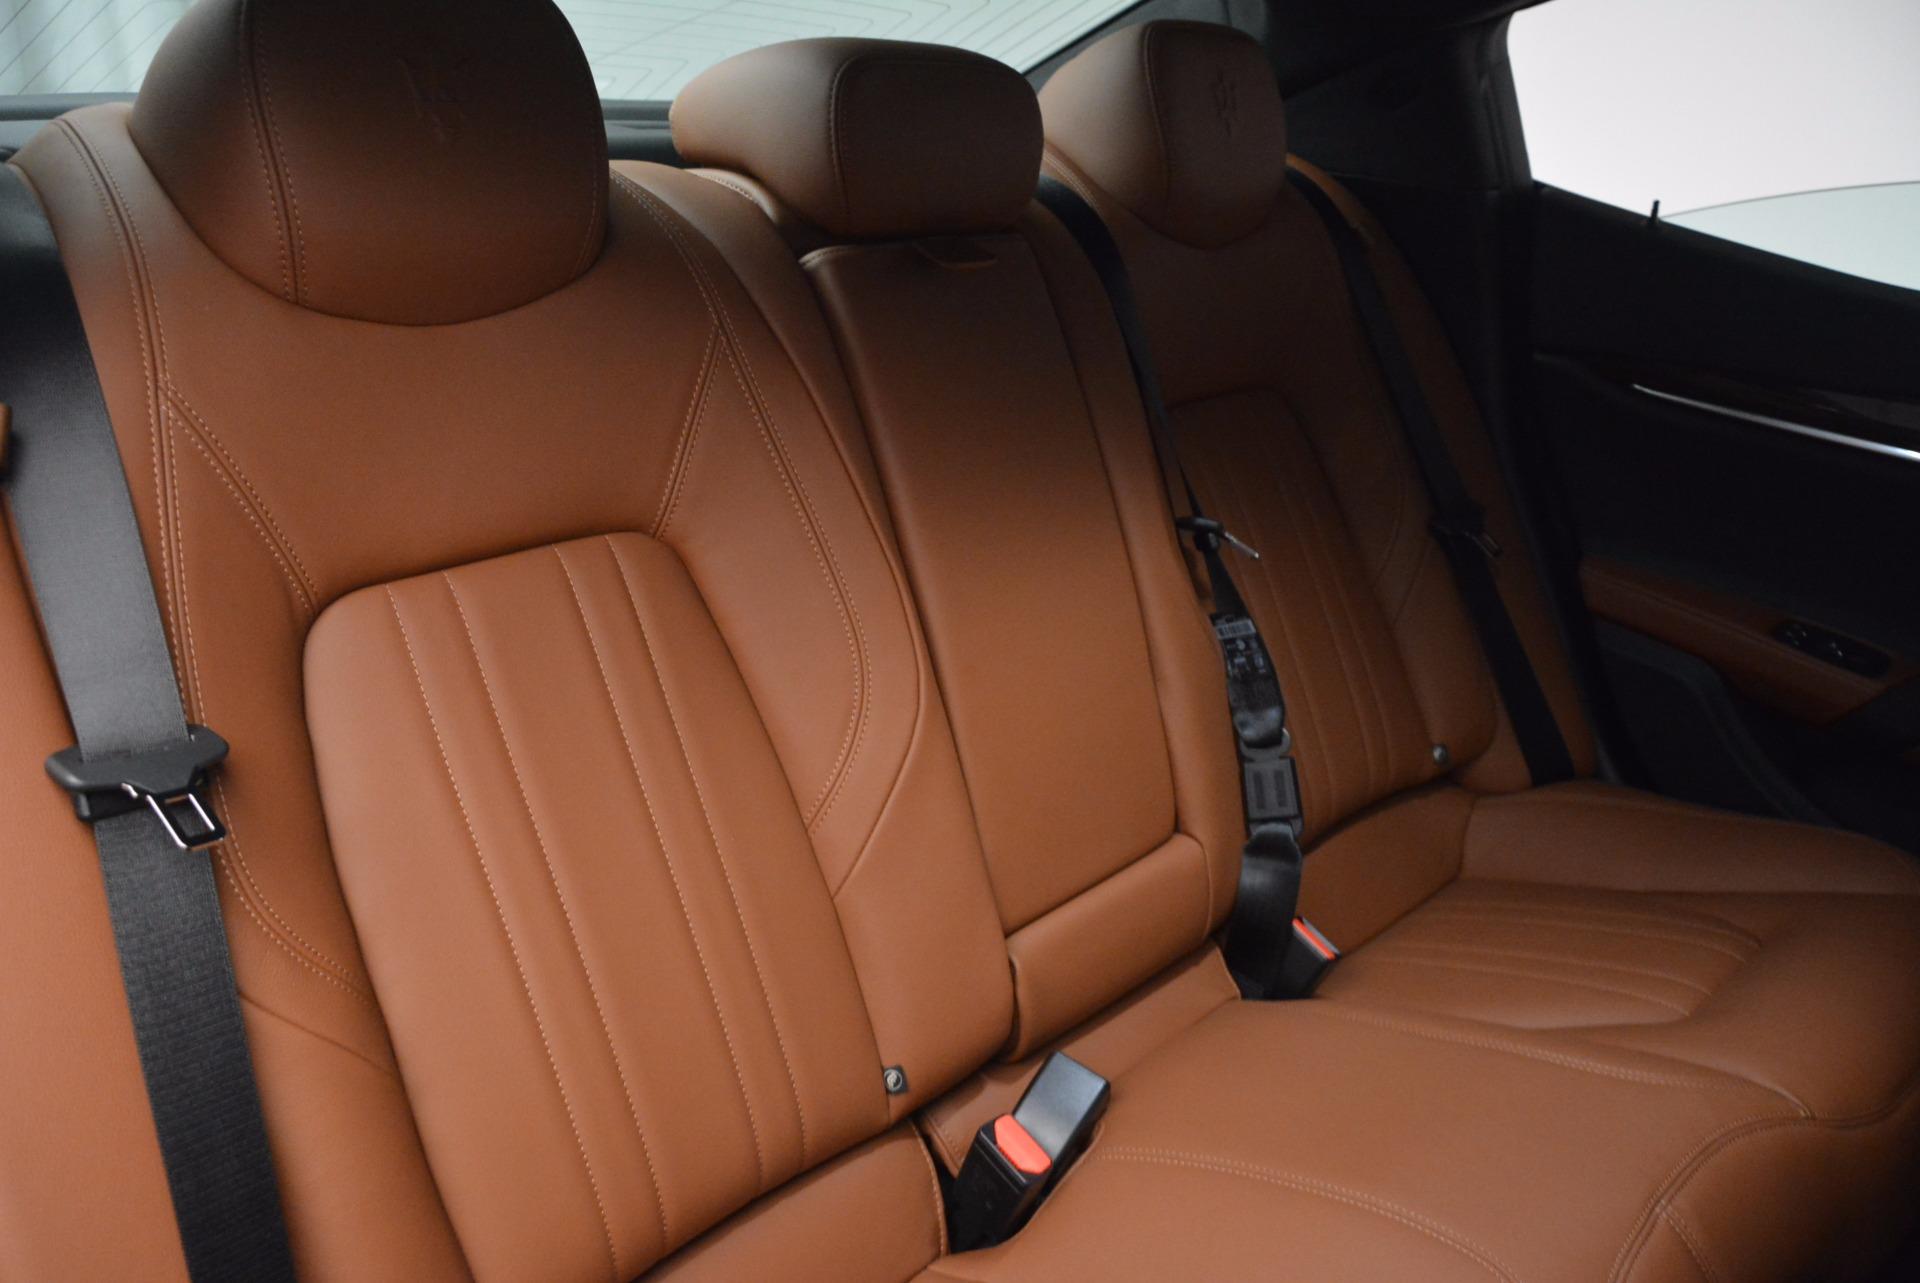 New 2017 Maserati Ghibli SQ4 S Q4 For Sale In Greenwich, CT 1085_p24